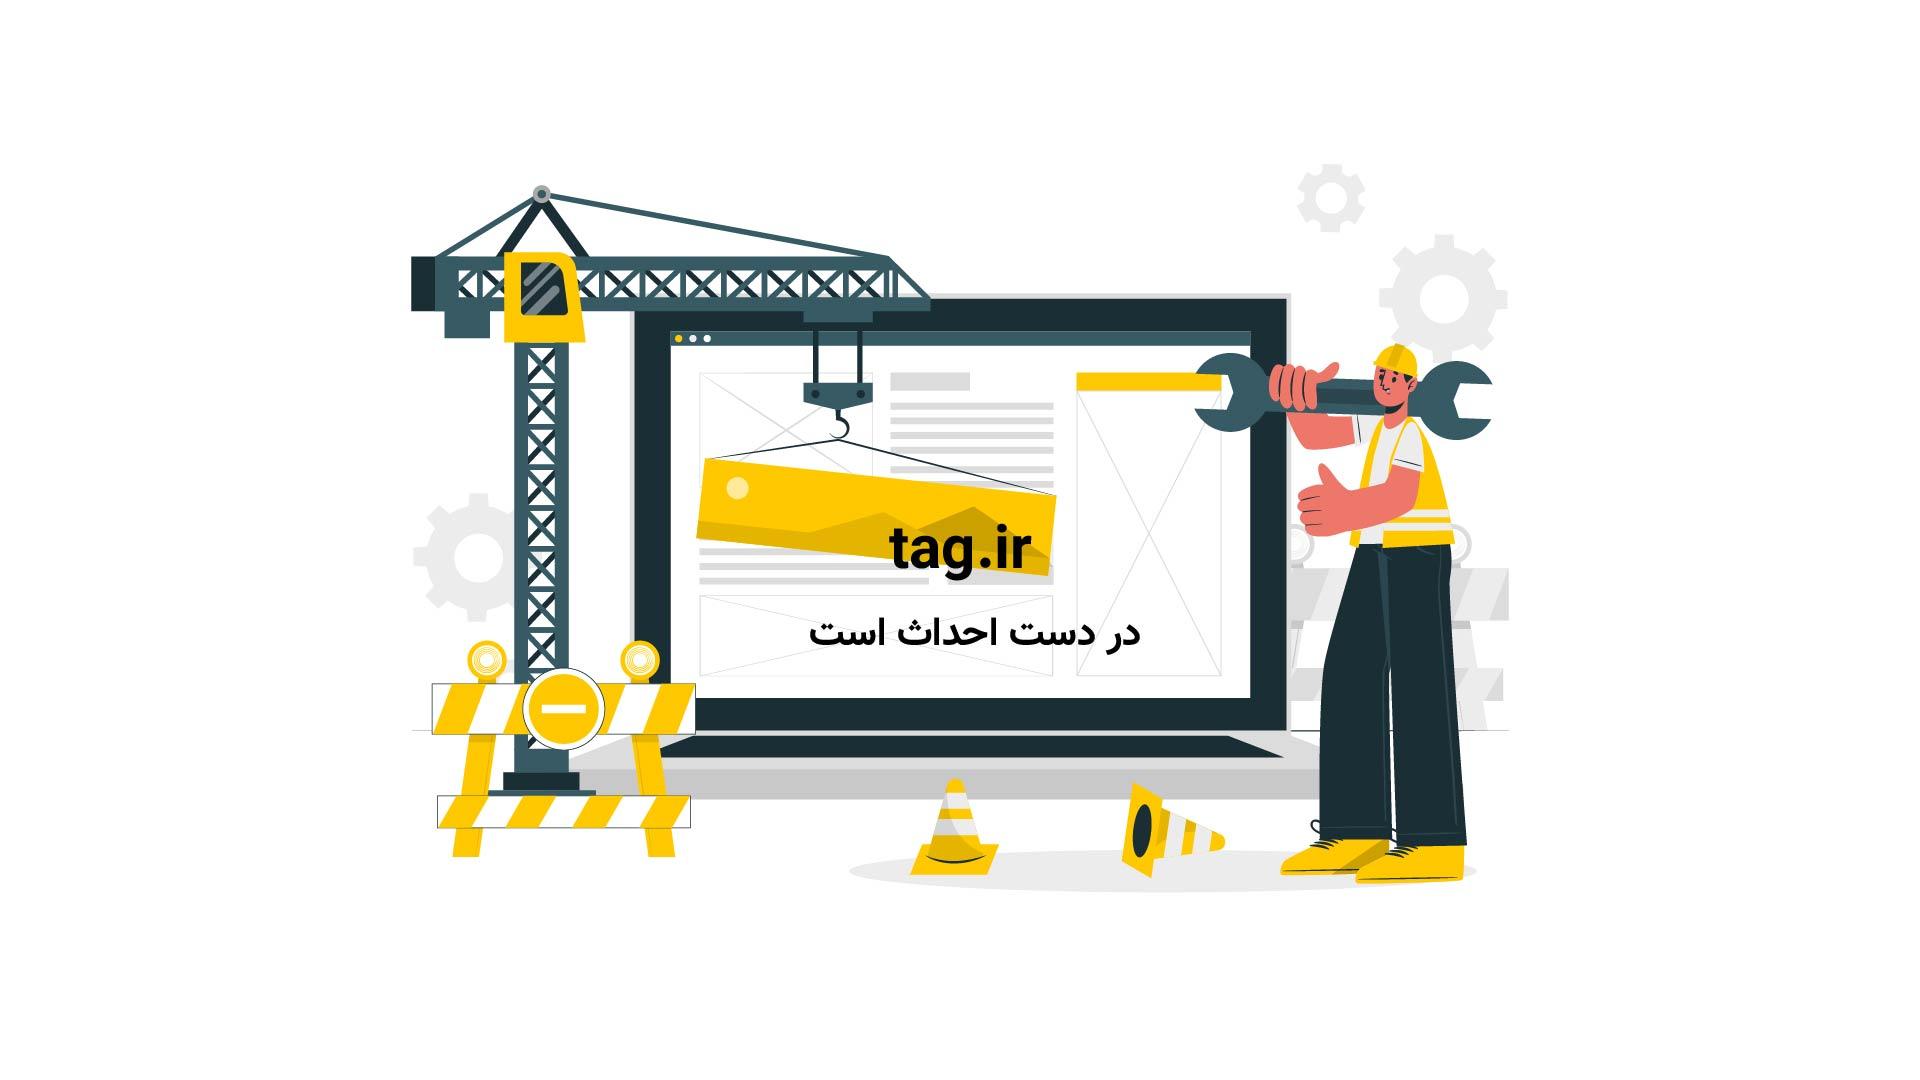 کمک به افراد بی خانمان در آمریکا با استفاده از پهپاد | فیلم